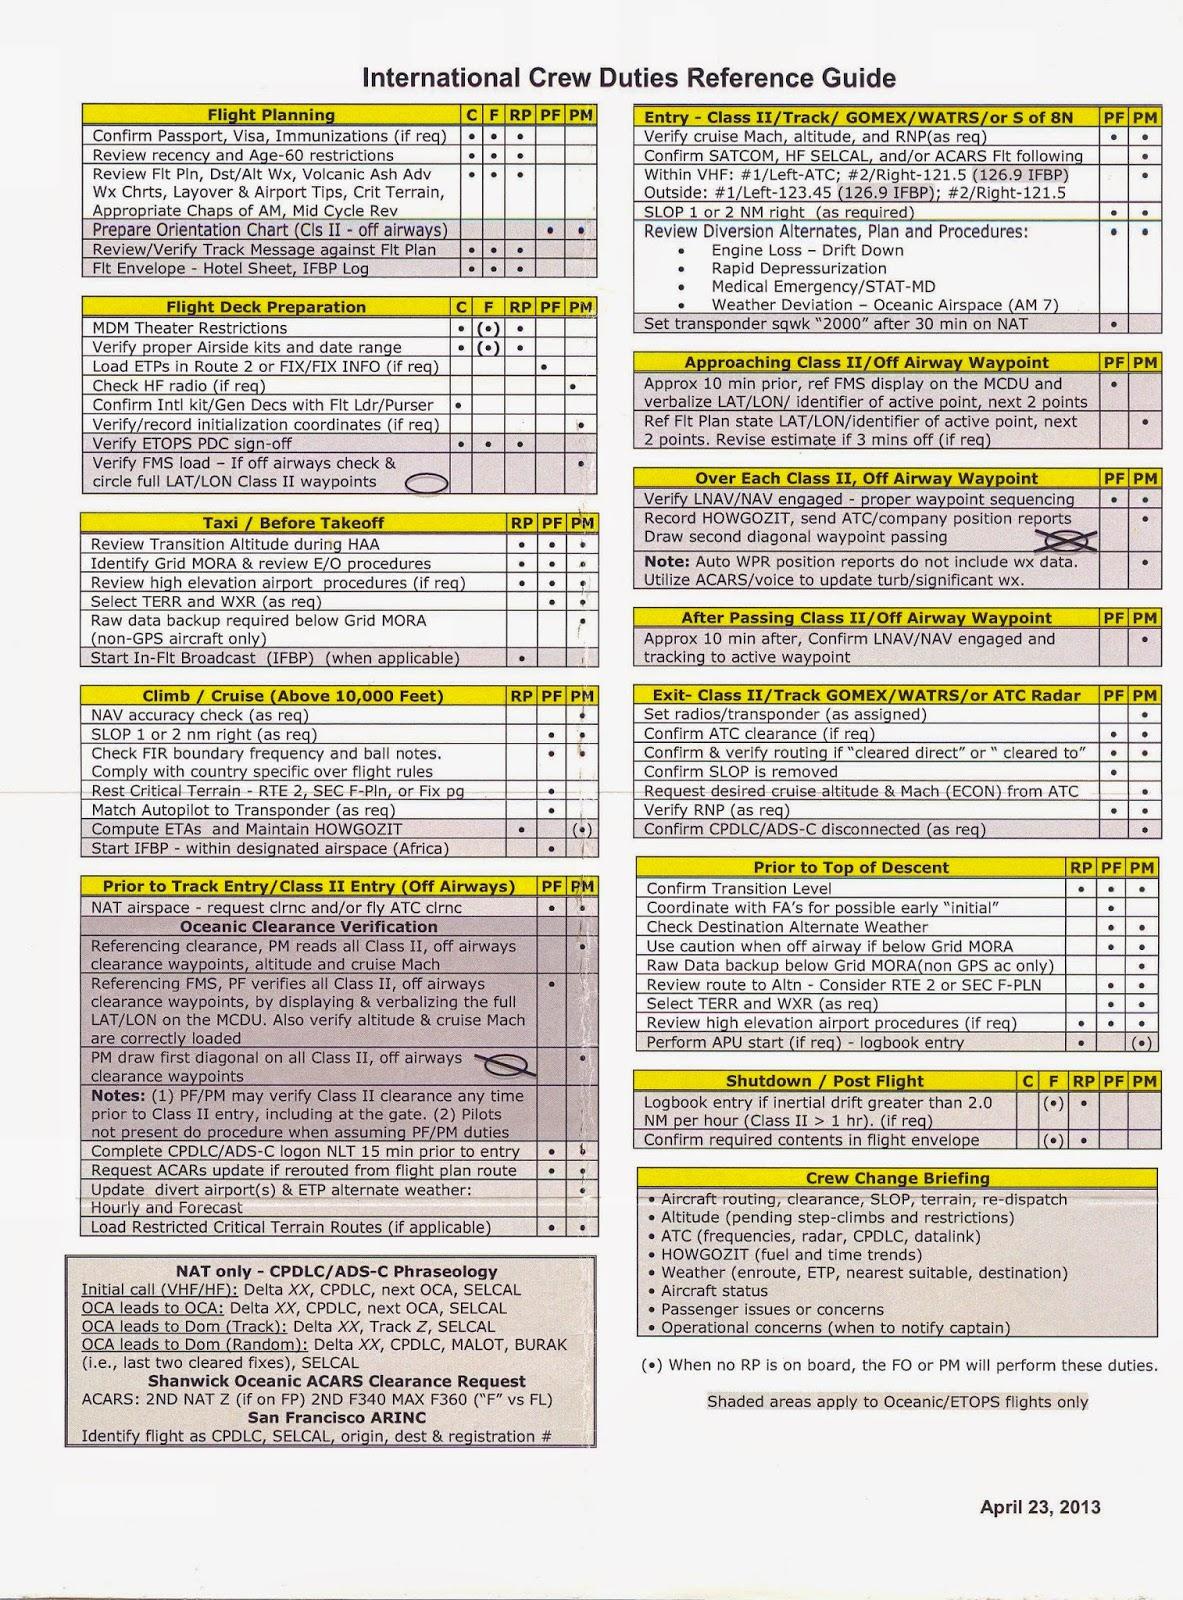 b757767 quick study guide open source user manual u2022 rh dramatic varieties com Delta 747 Delta 727